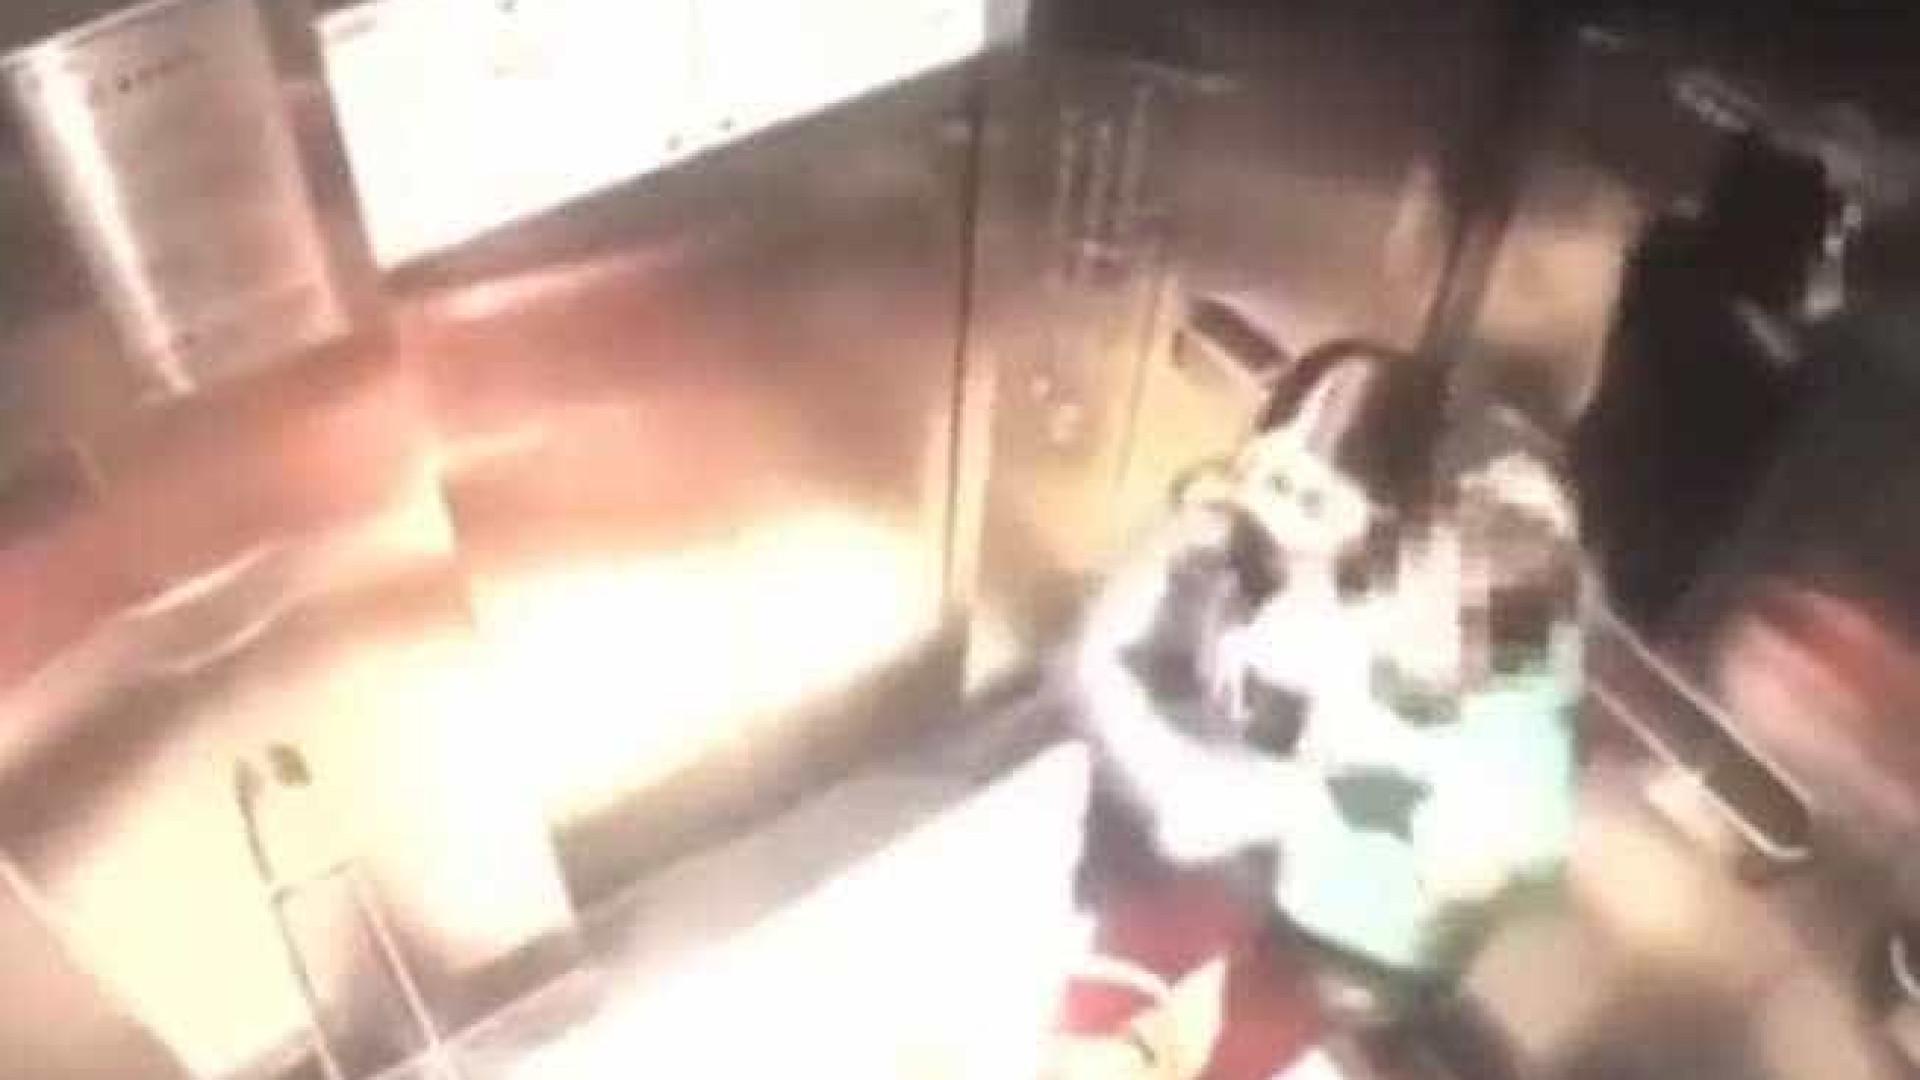 Babá é filmada ao agredir criança com socos no estômago; vídeo vaza